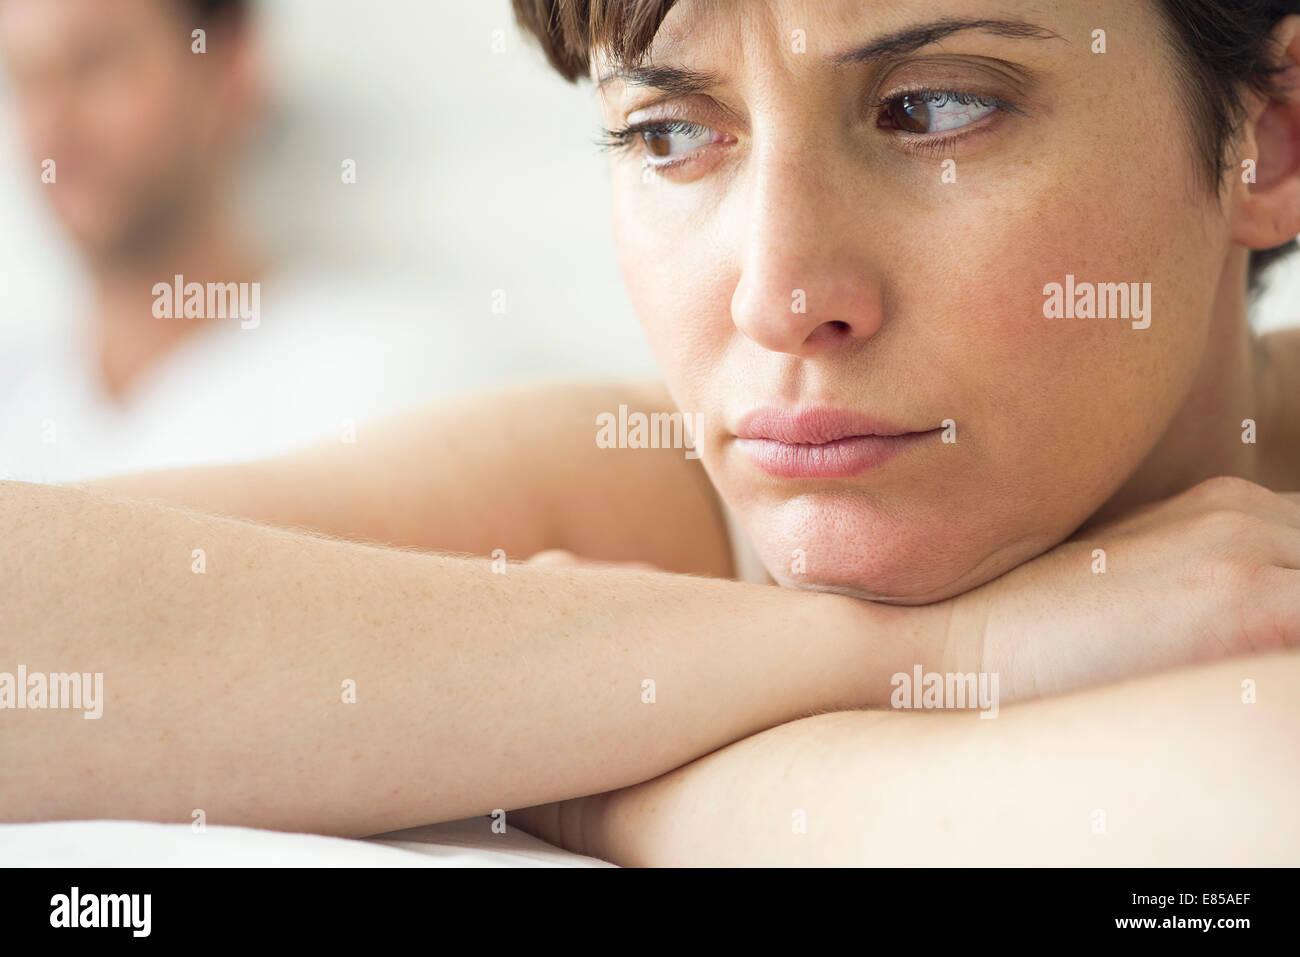 Mujer enojado y resentido tras disputa con marido Foto de stock